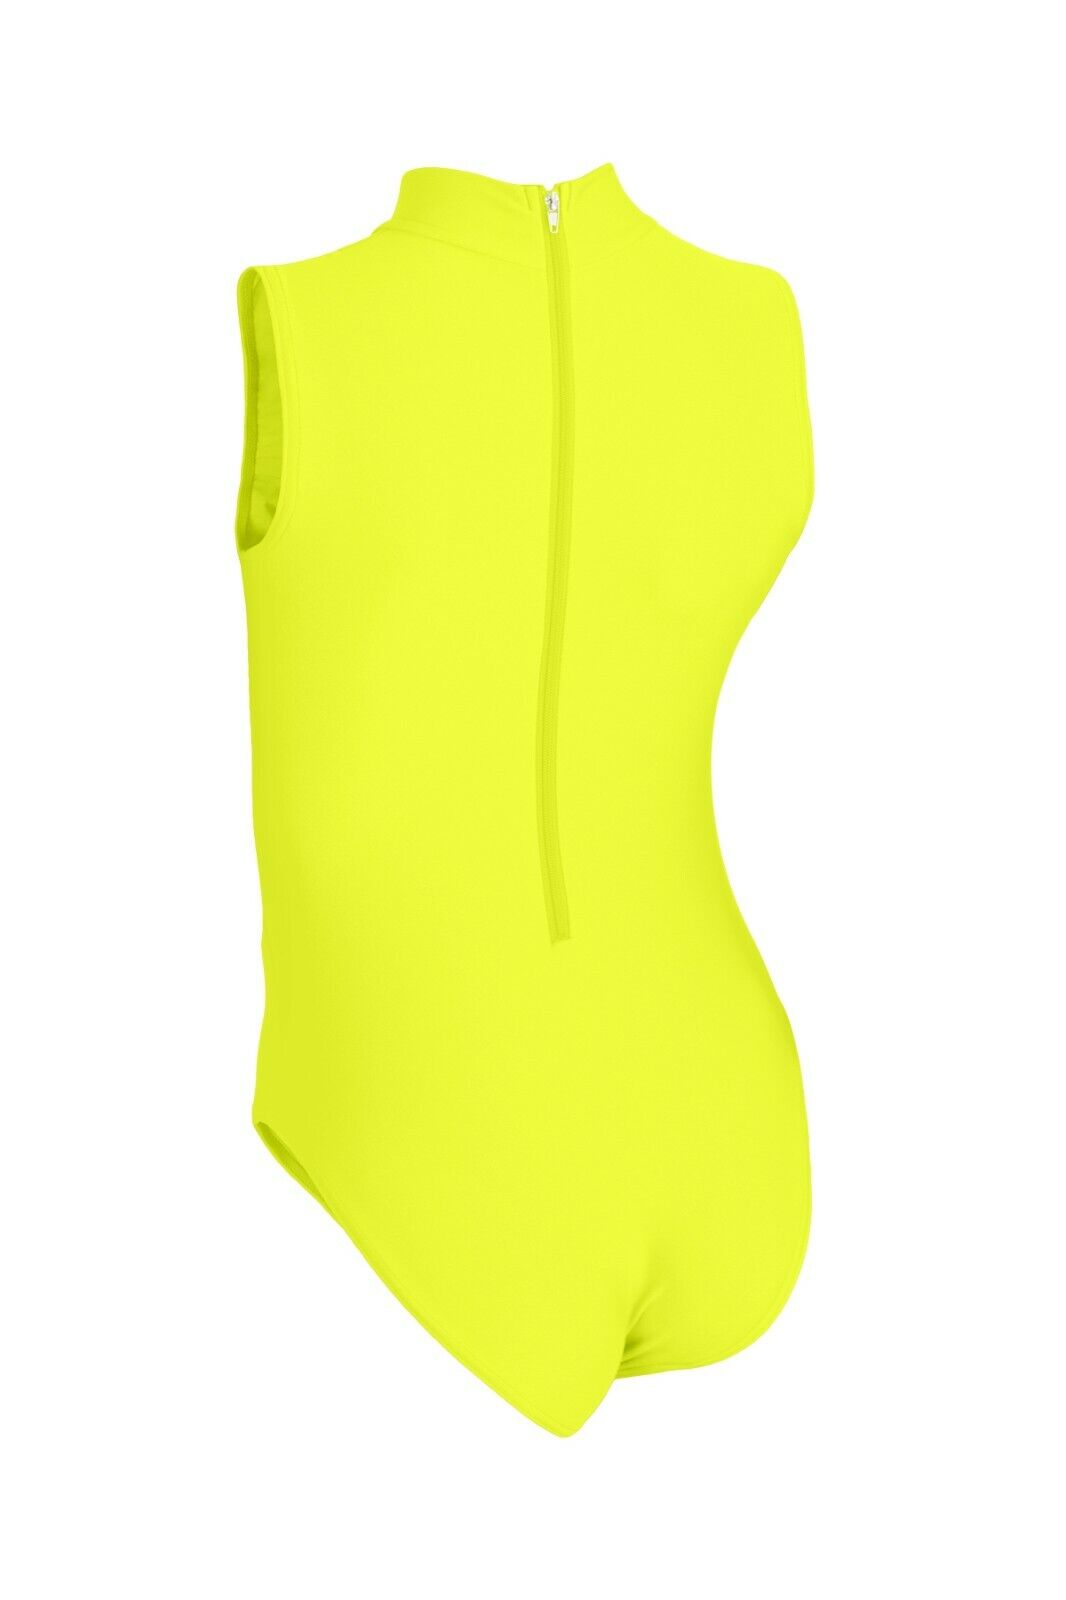 Damen Glanz Body ohne Ärmel Rücken-RV stretch shiny glänzend elastisch S bis XXL